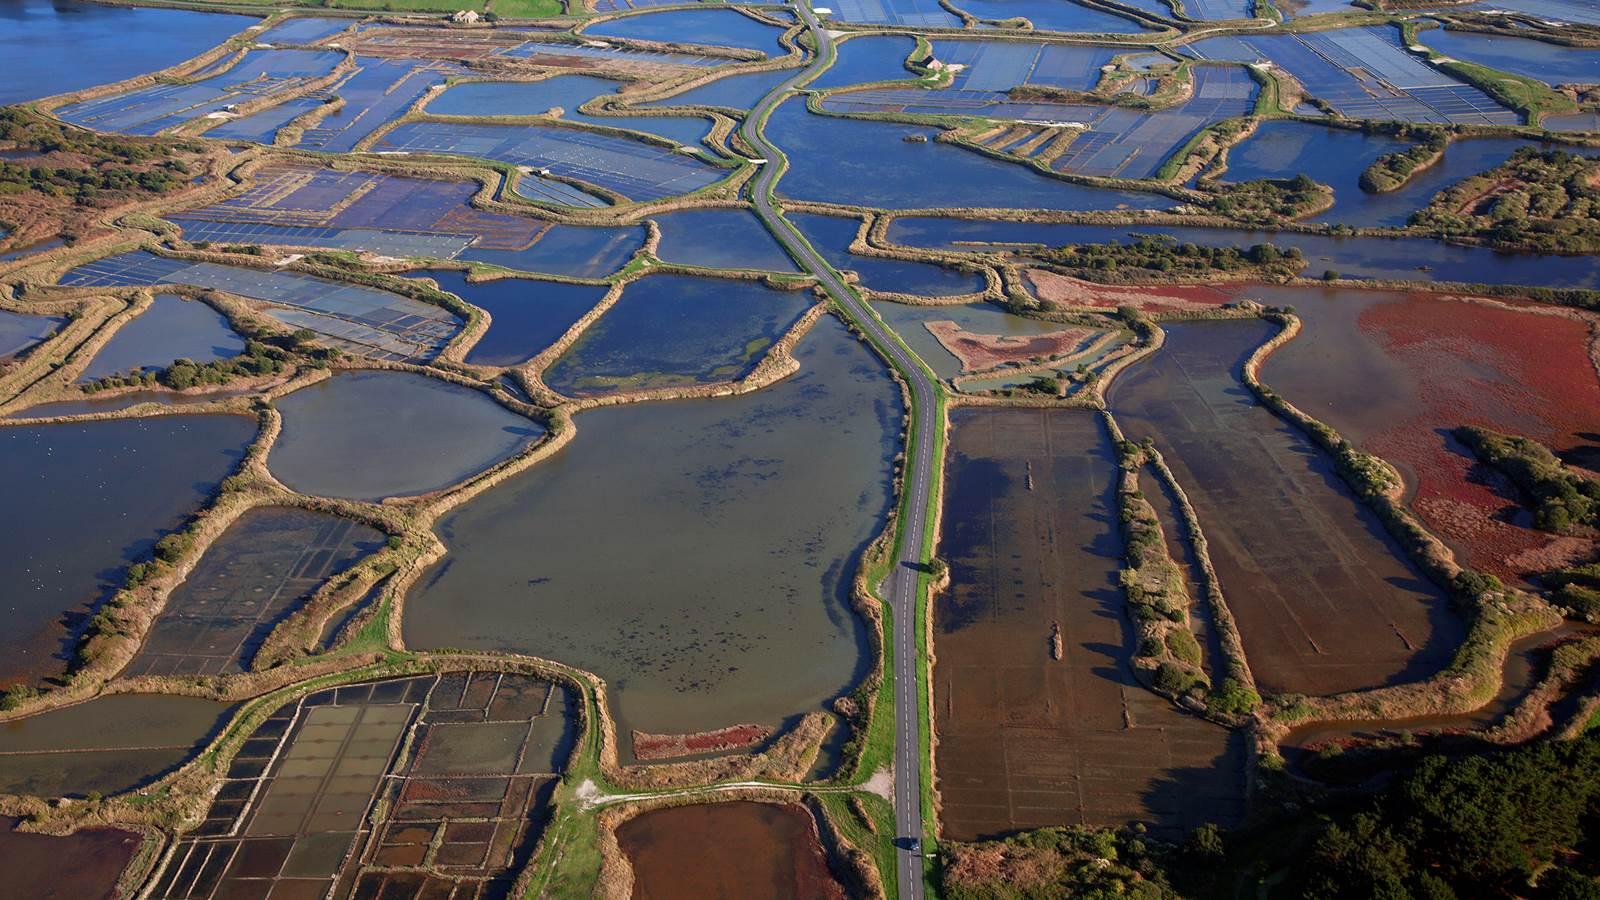 La presqu'île de Guérande et les marais salants